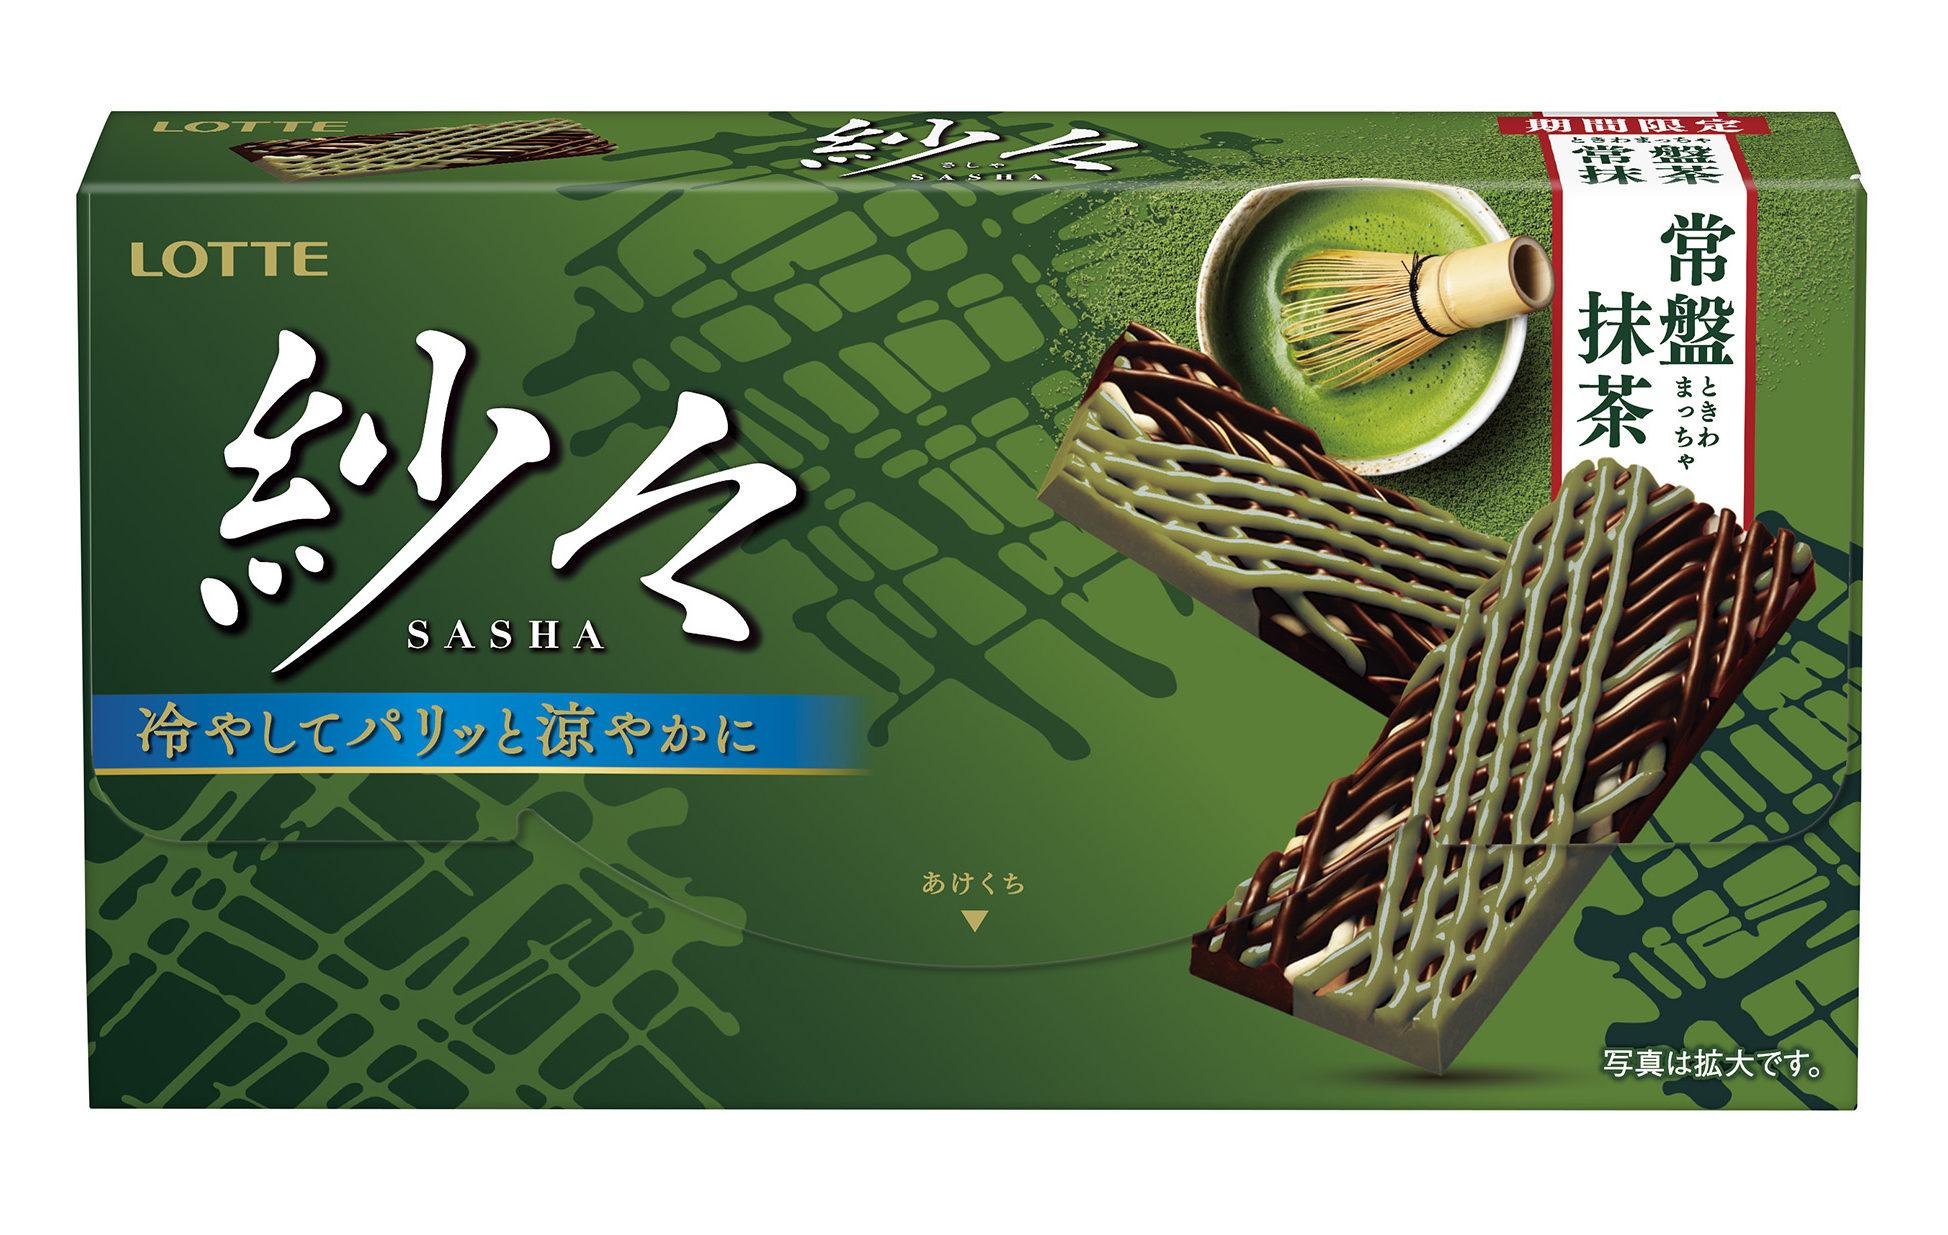 抹茶の深く濃い味わいが楽しめる「紗々<常盤抹茶>」が4月14日(火)に発売🍫🍵💚